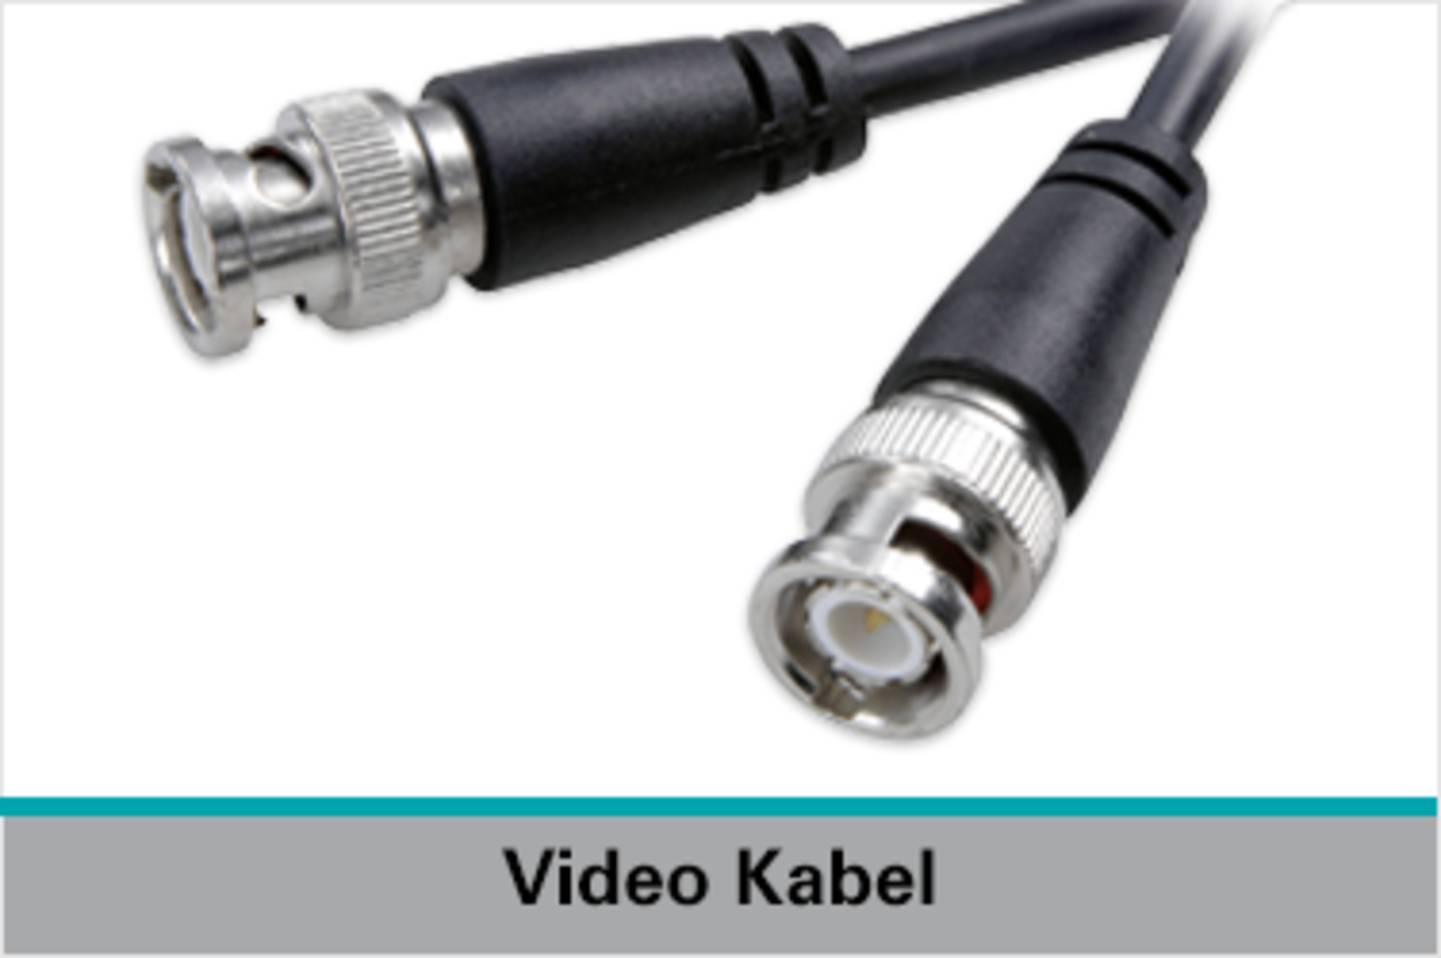 Speaka Professional Video Kabel